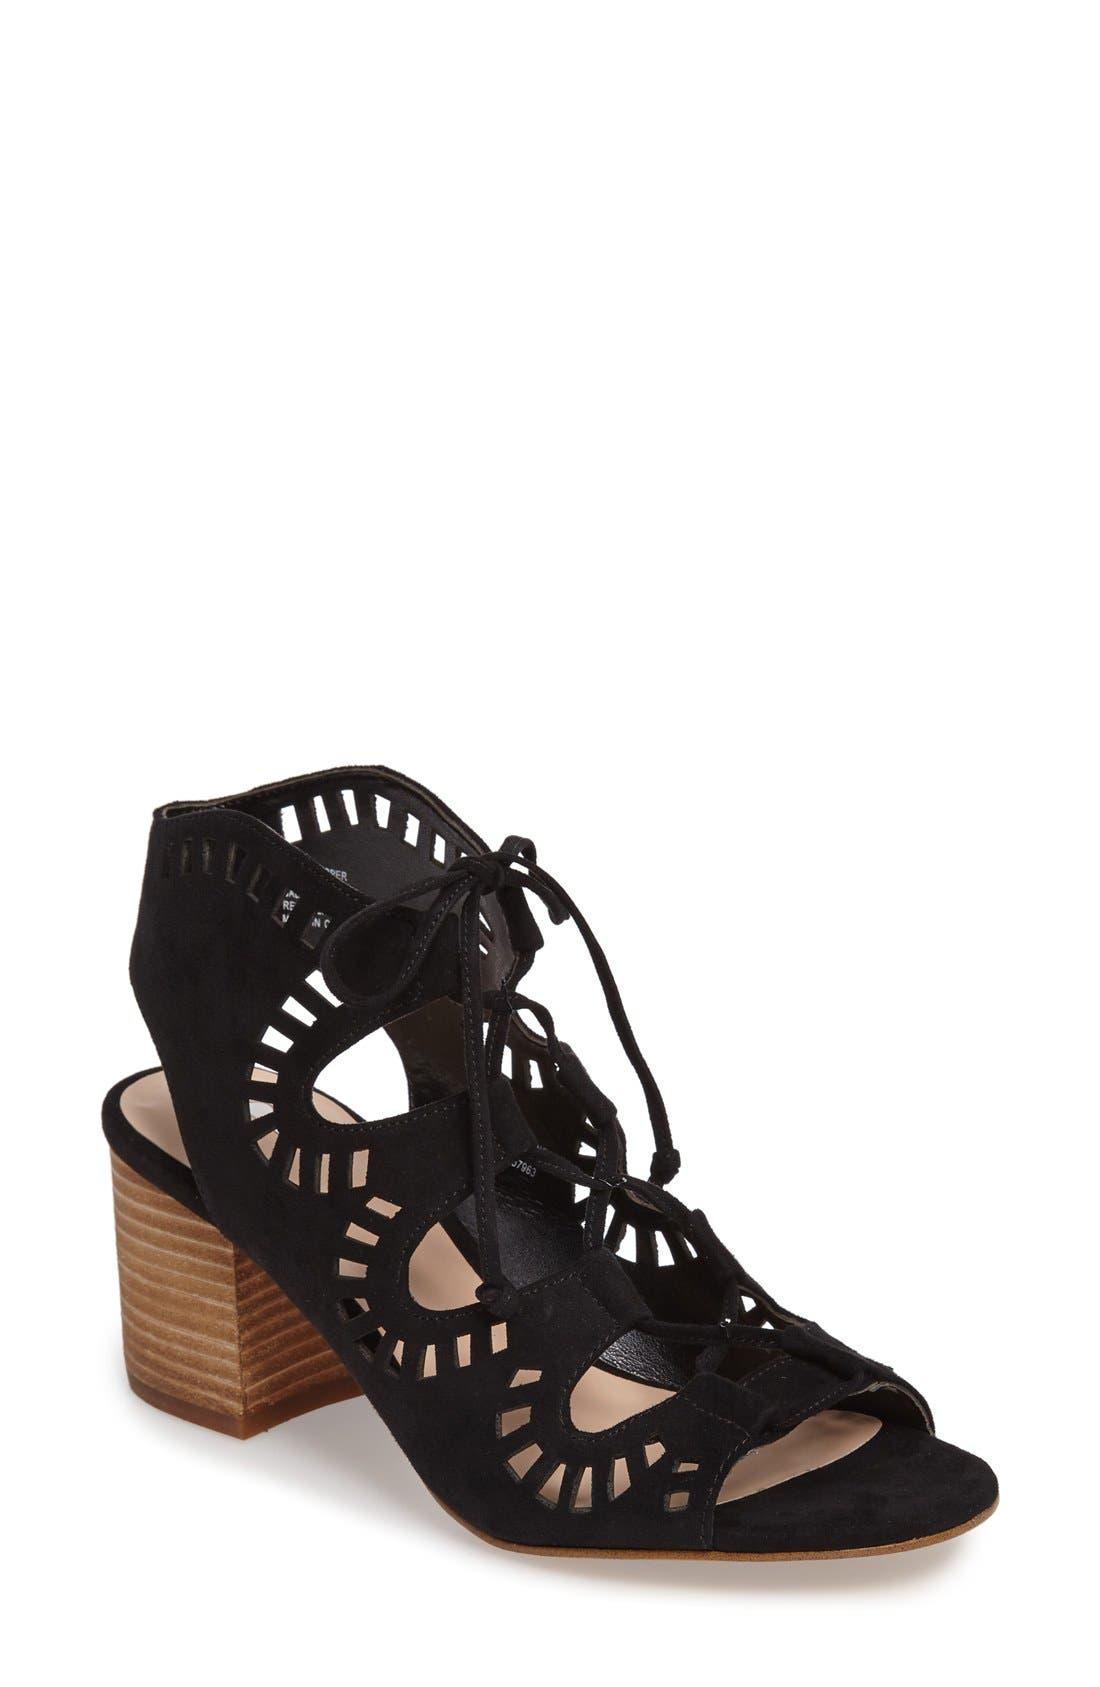 Main Image - BP. Decker Lace-Up Sandal (Women)